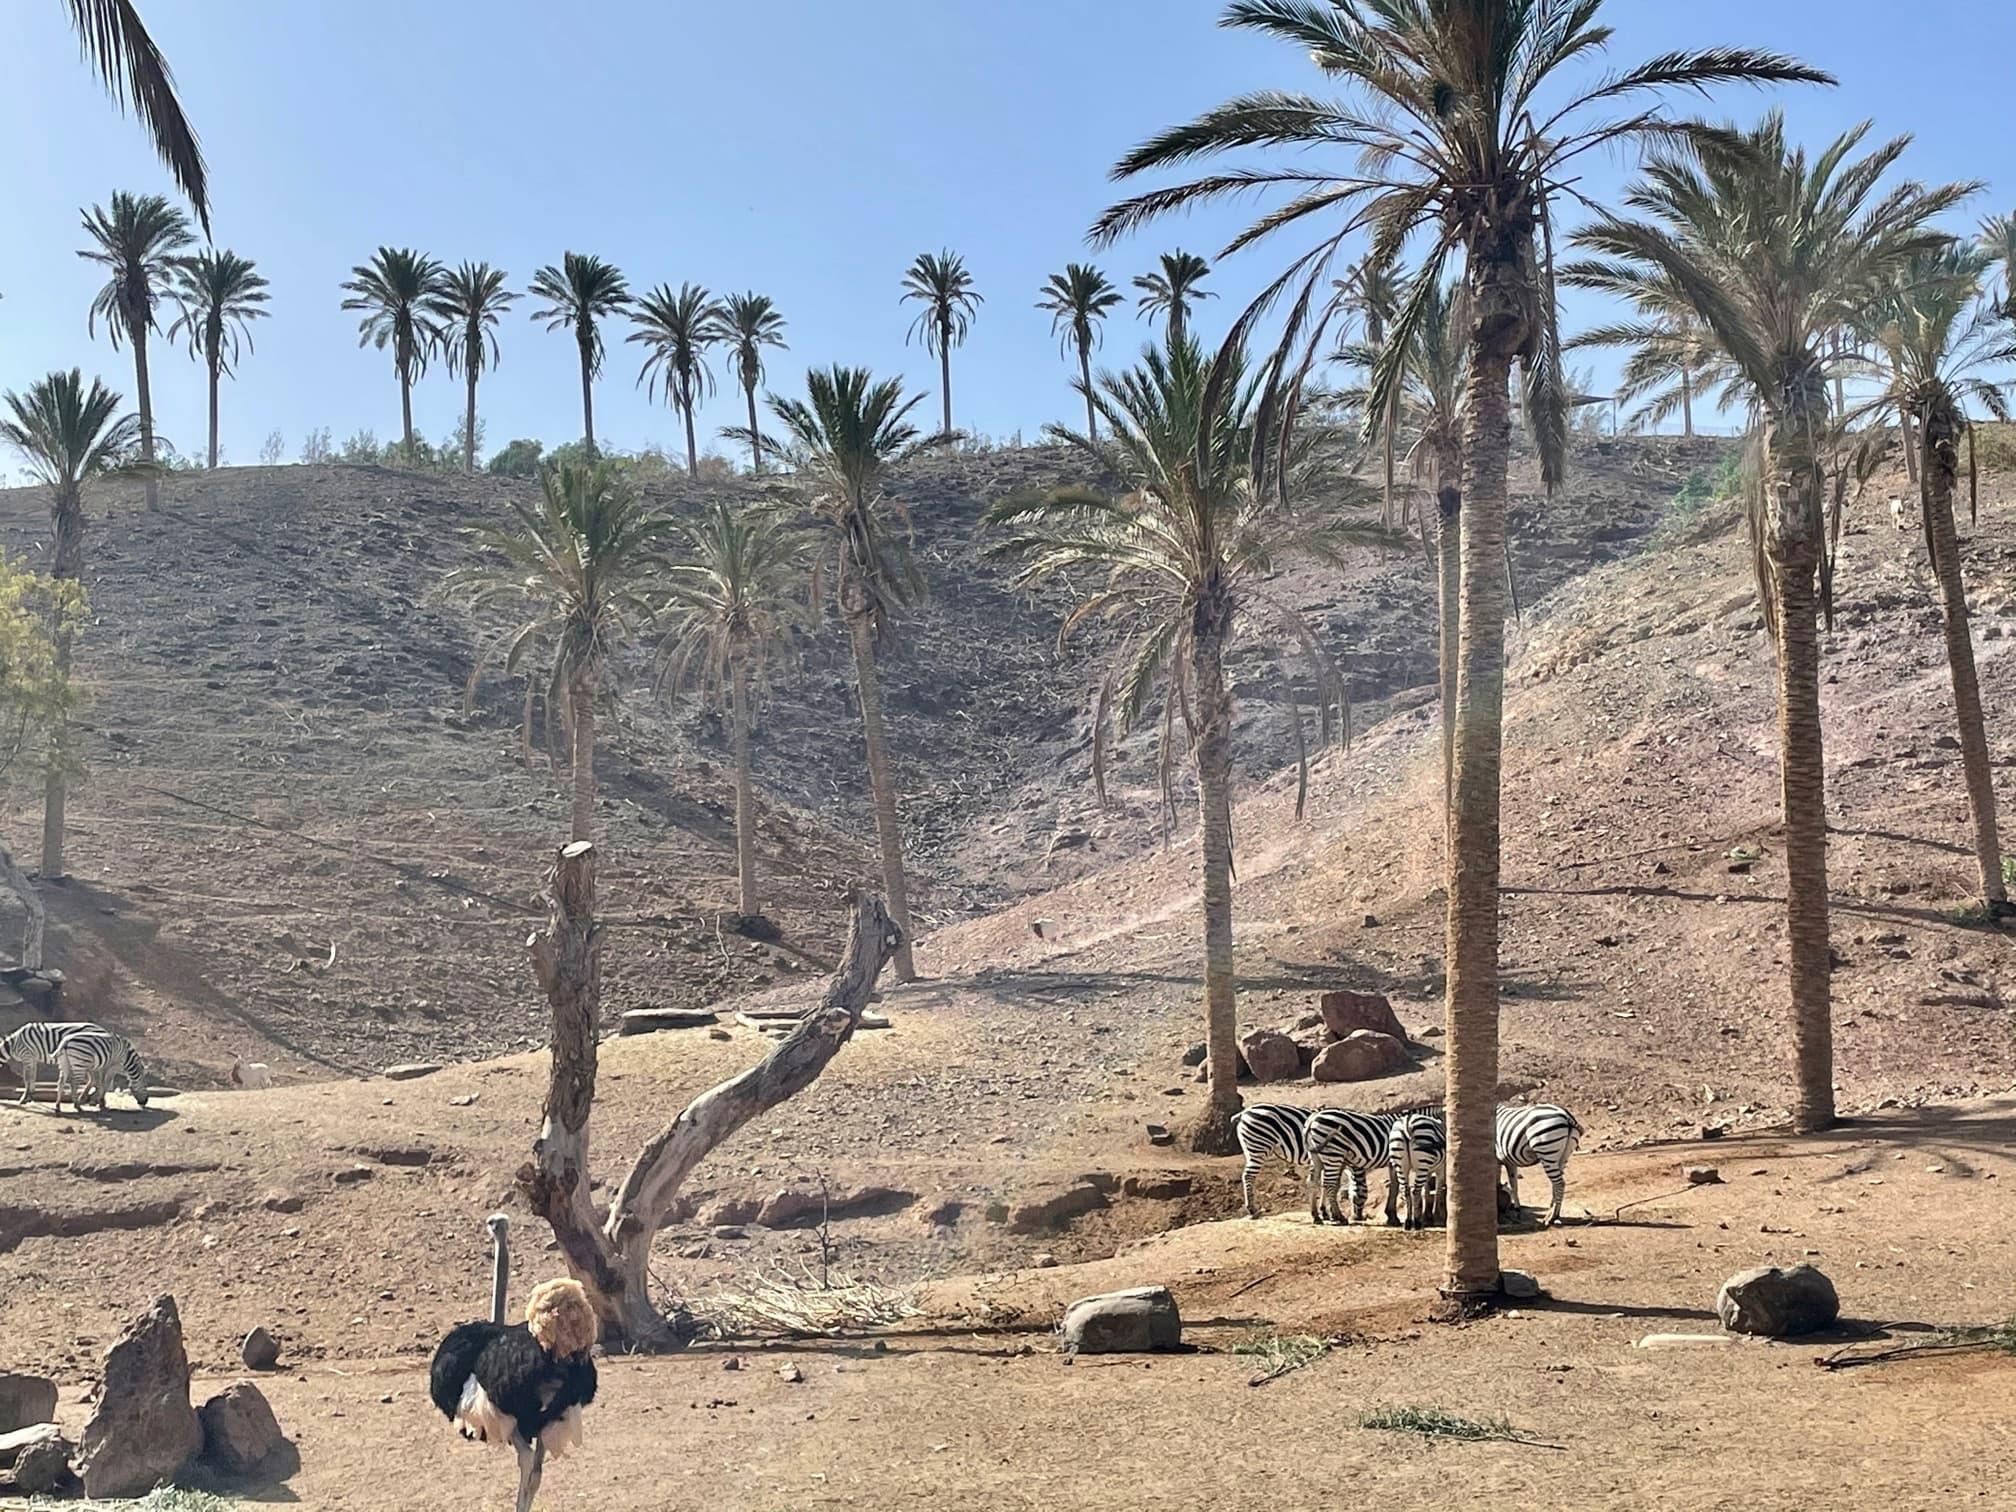 Urlaub auf Fuerteventura mit Kindern - Oasis Park Fuerteventura